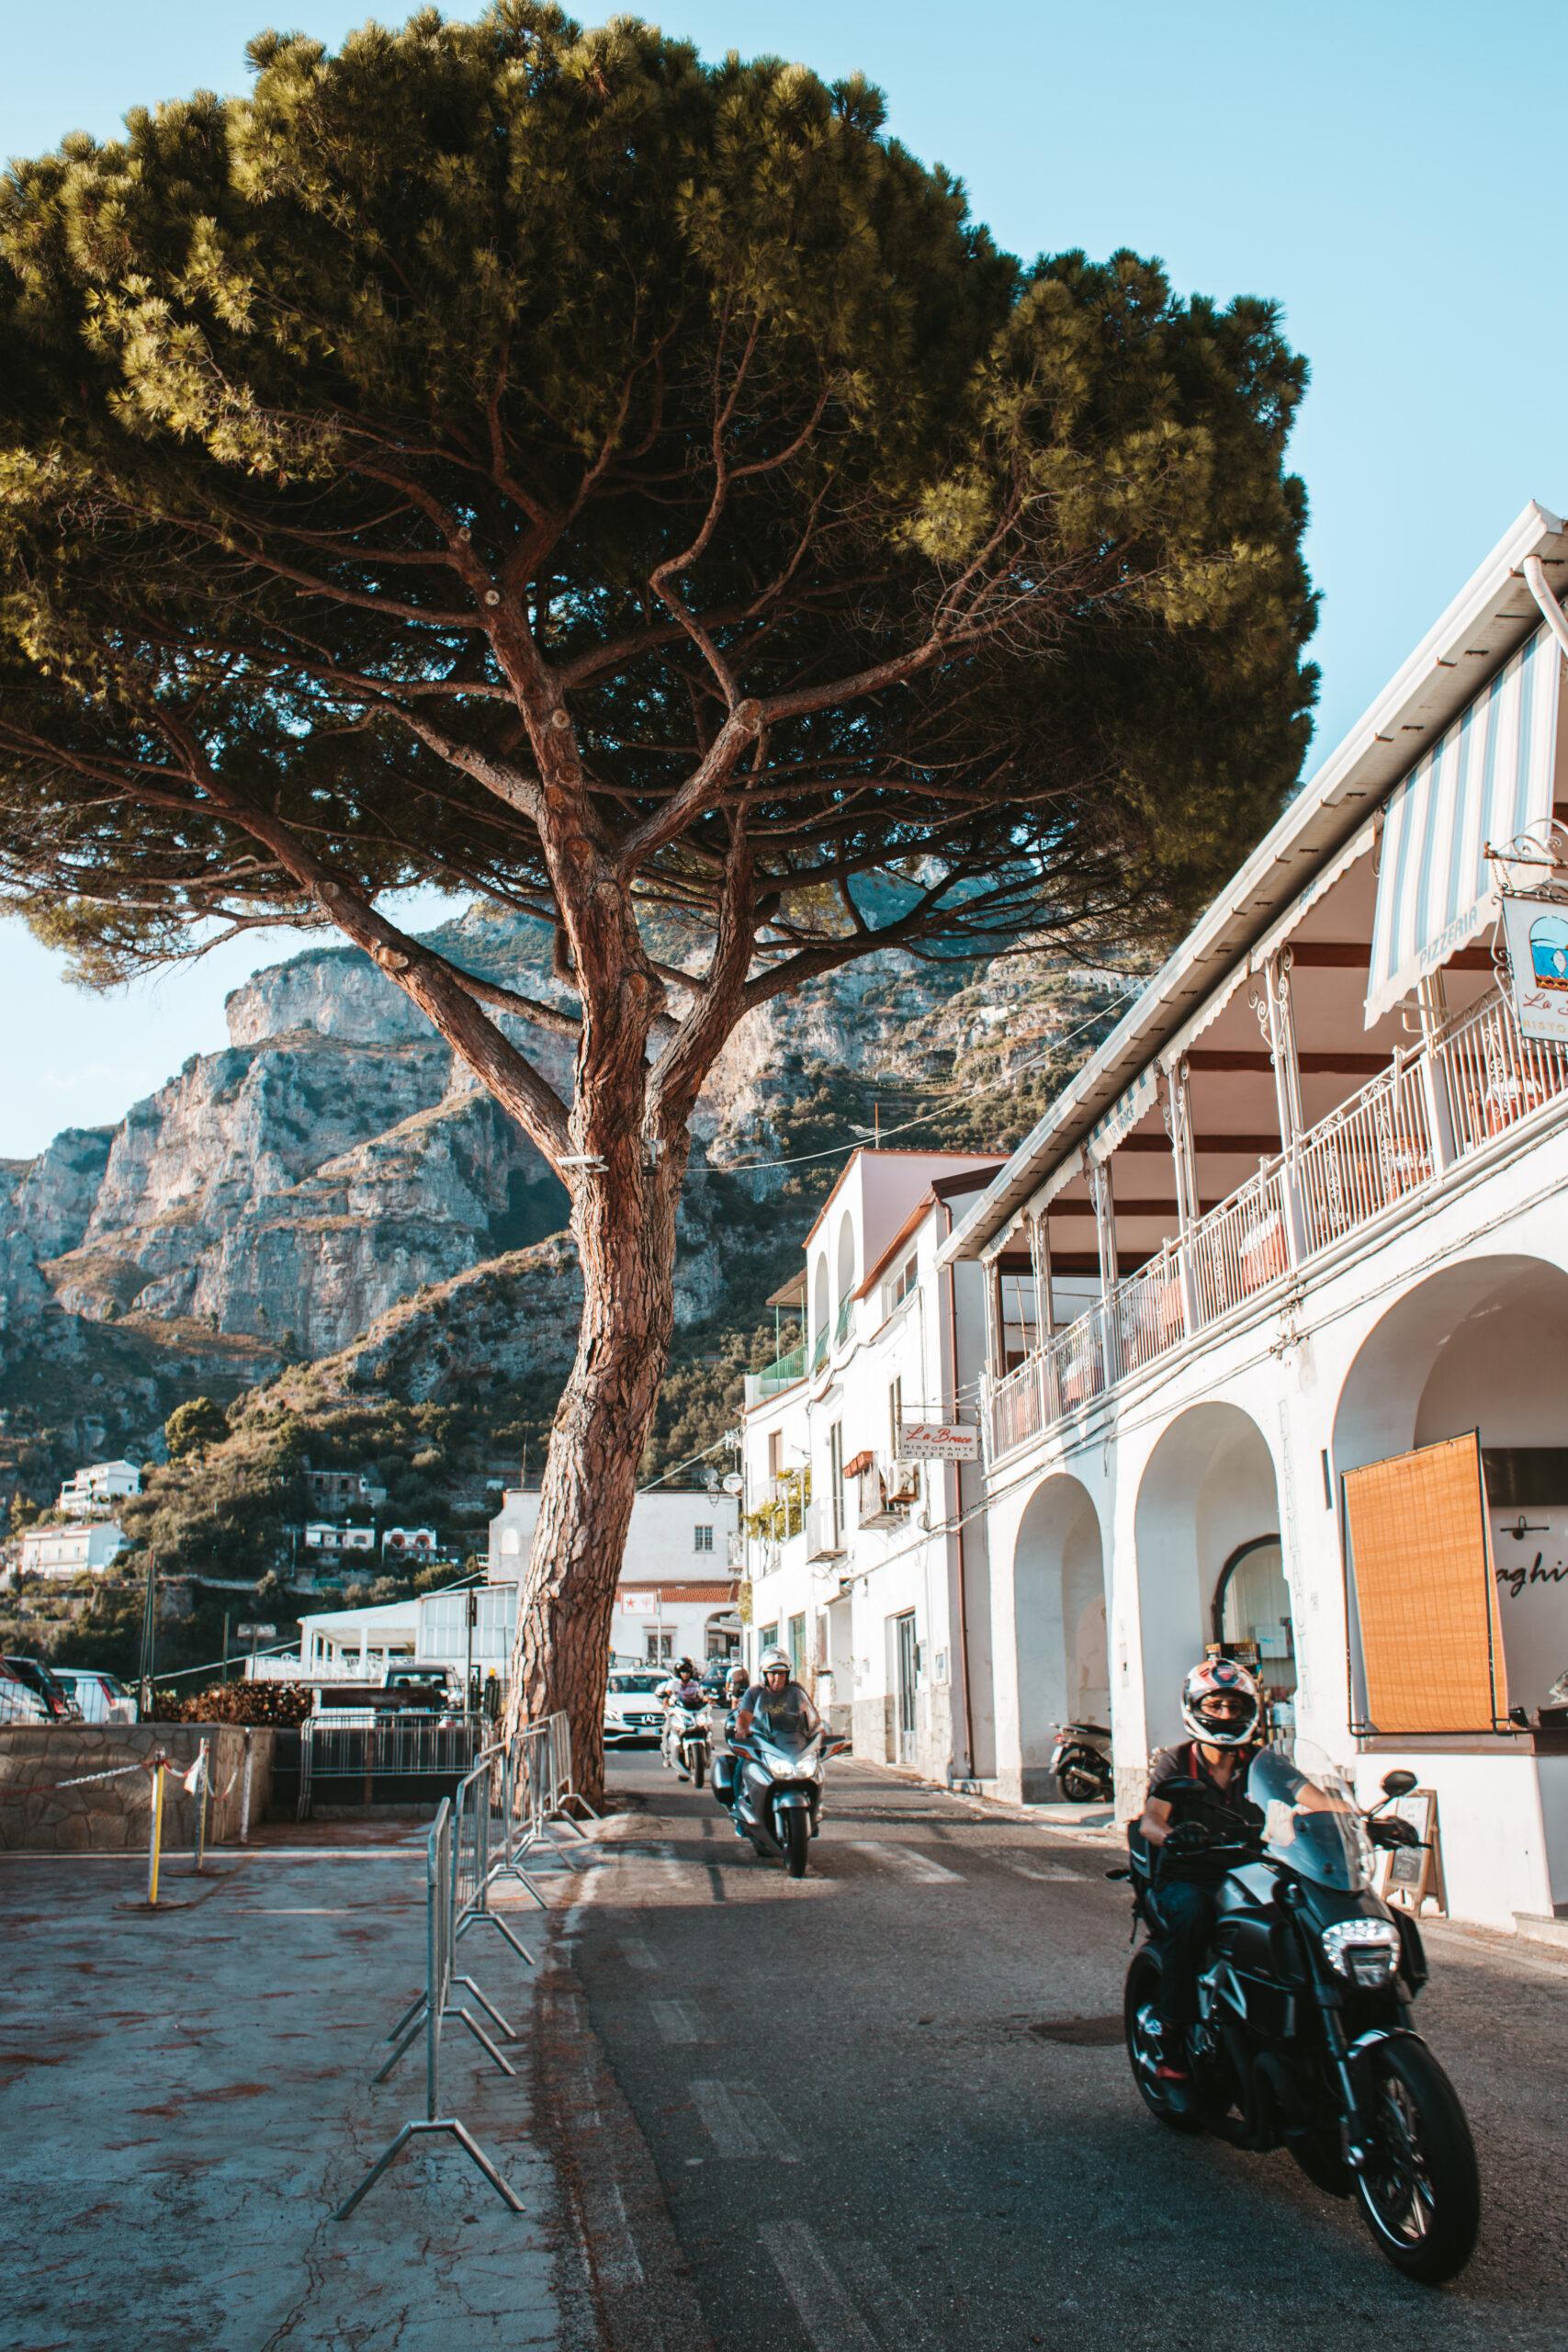 Praiano ulica, Positano, Amalfi, Wybrzeże Amalfitańskie, motor, skały, platan drzewo